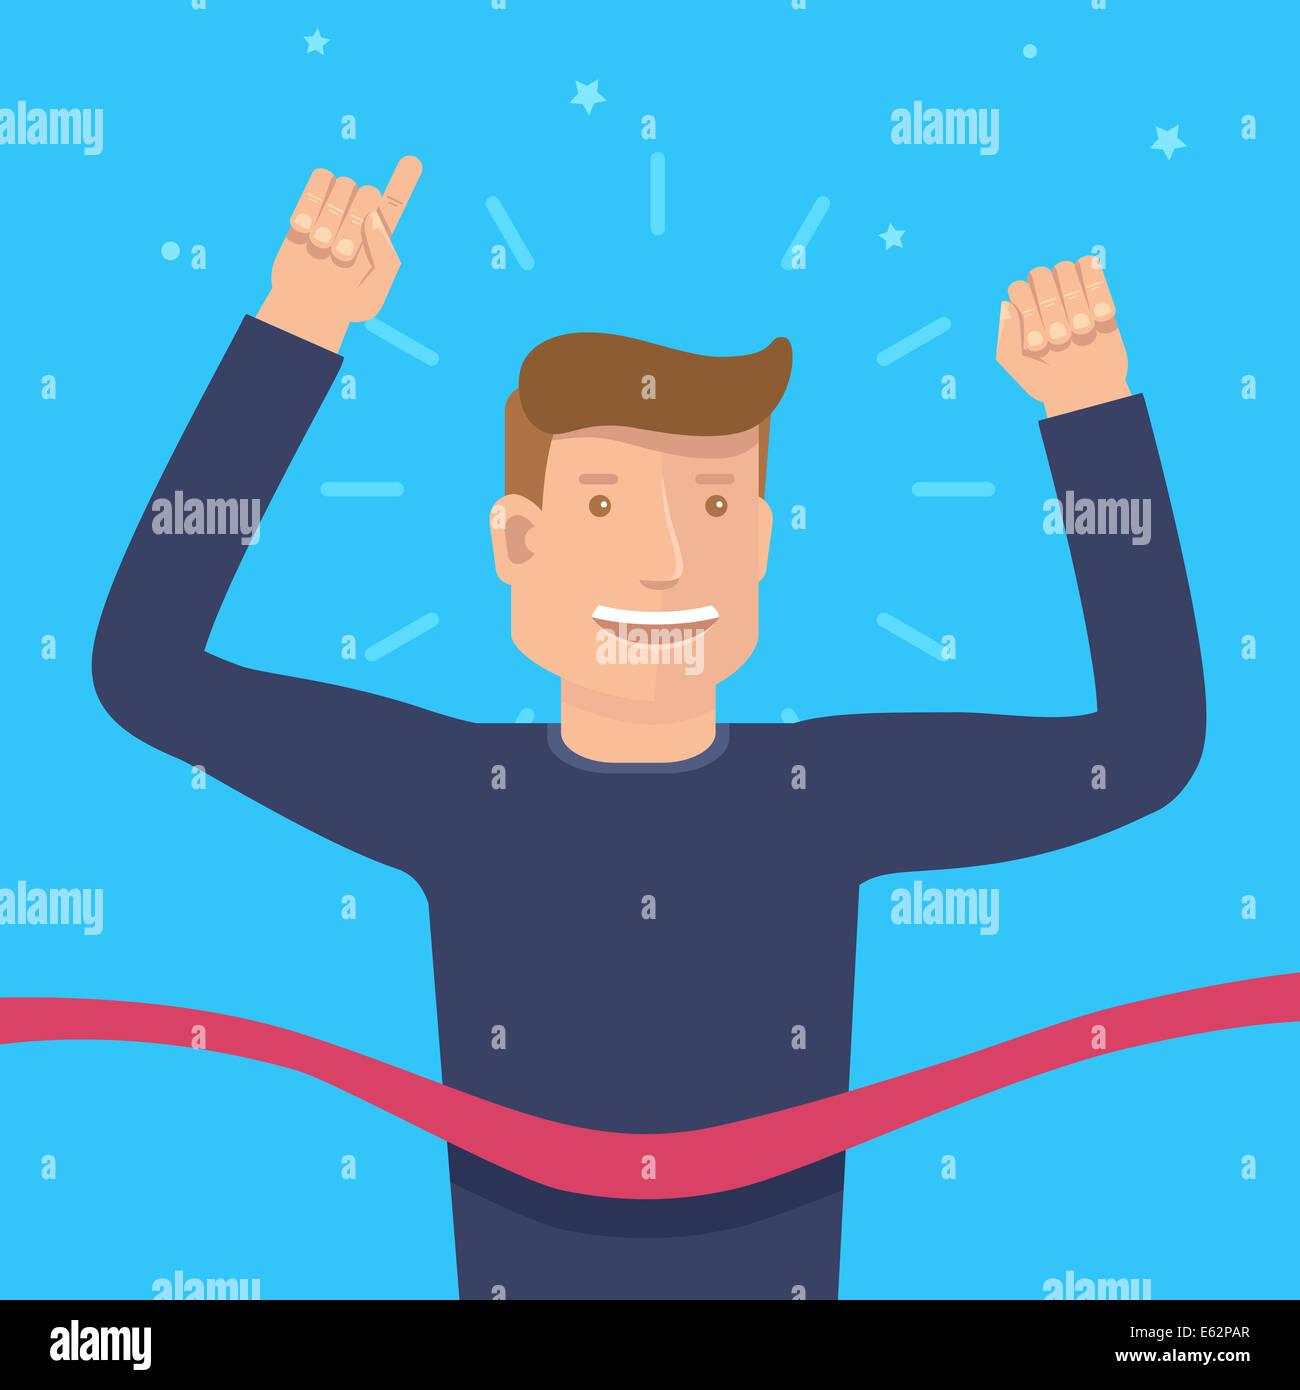 Concetto di vittoria in uno stile piatto - happy runner maschio prima di finitura con nastro rosso Immagini Stock